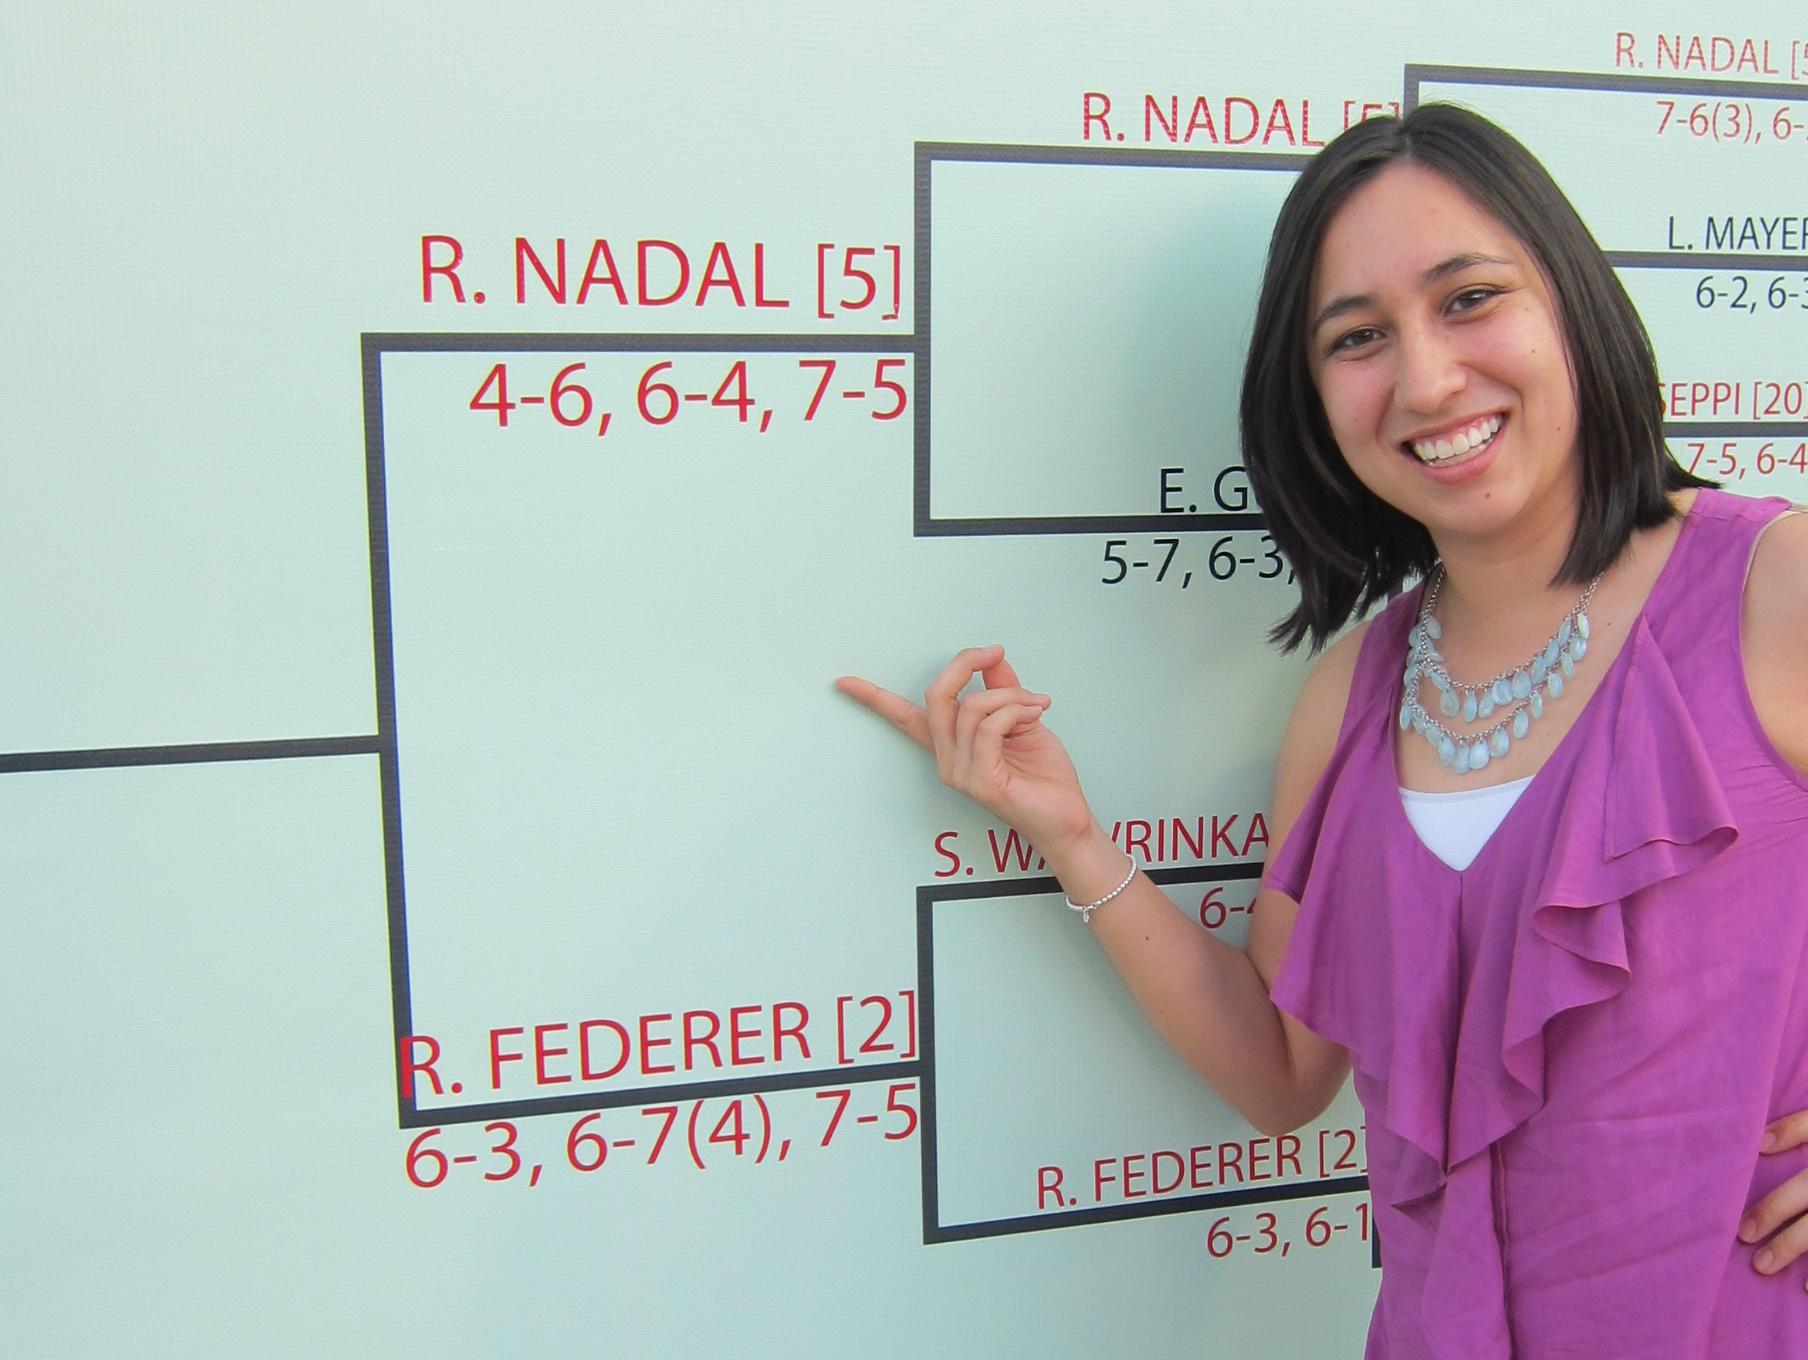 Rafa vs. Federer